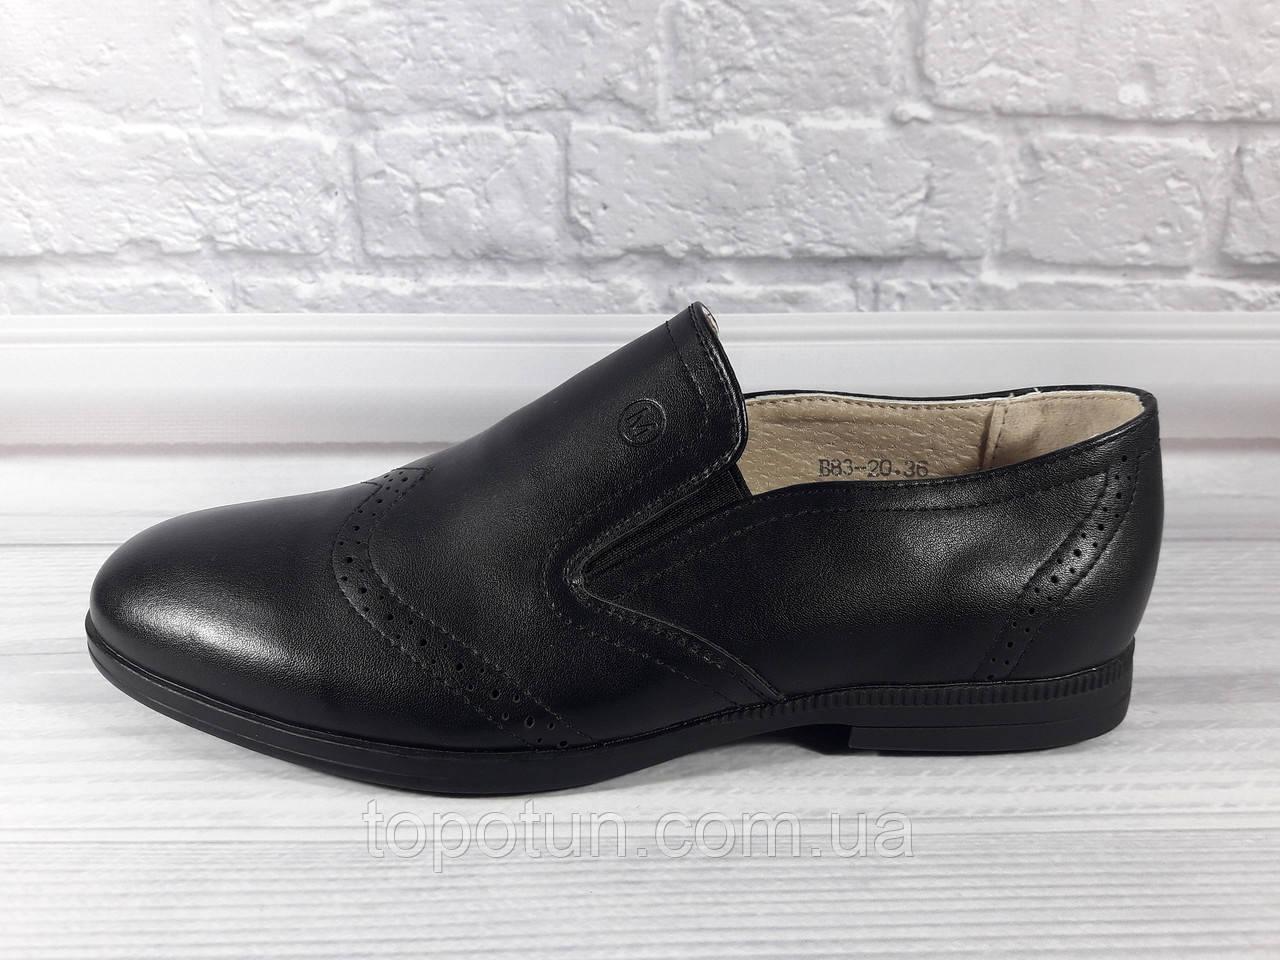 """Школьные туфли для мальчика """"Солнце"""" Размер: 32,33,34,35"""